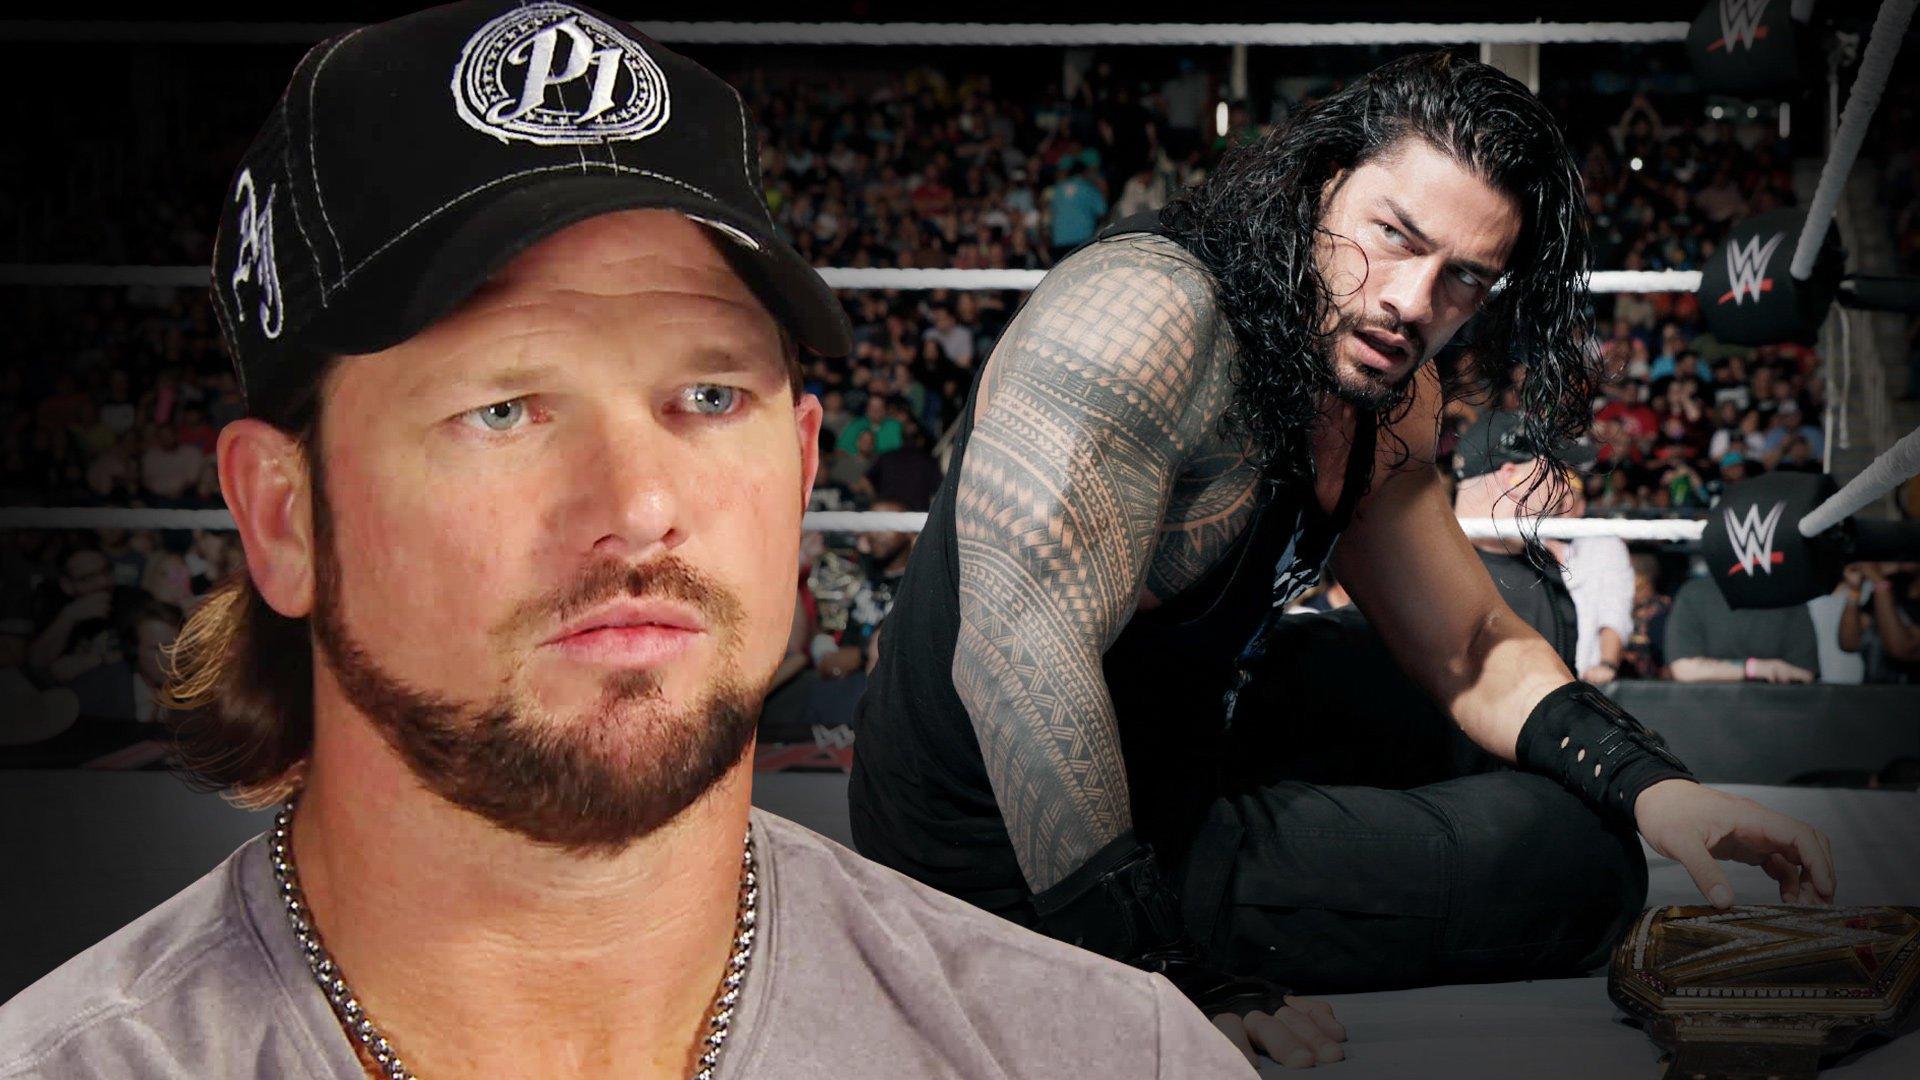 AJ Styles obiecuje dać z siebie wszystko by pokonać Romana Reigns: WWE.com Exclusive 18.05.16